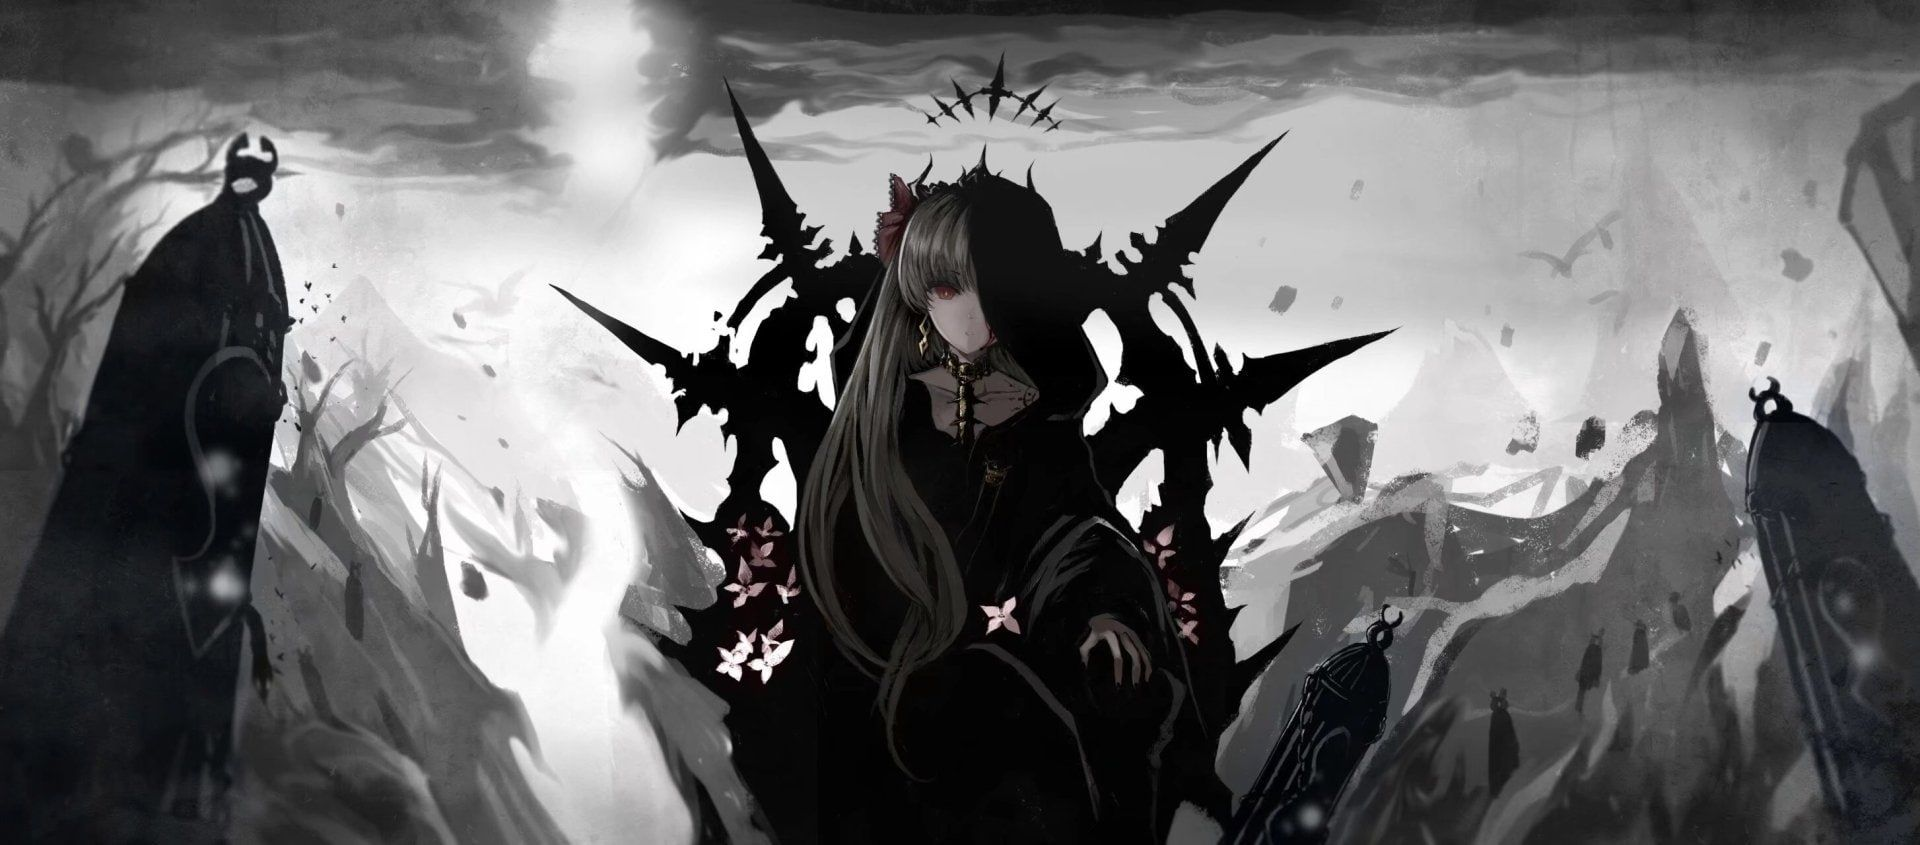 Fate Series Fate Grand Order Dark Ereshkigal Fate Grand Order 1080p Wallpaper Hdwallpaper Des Anime Artwork Wallpaper Hd Wallpaper Facebook Cover Photos Fate grand order wallpaper